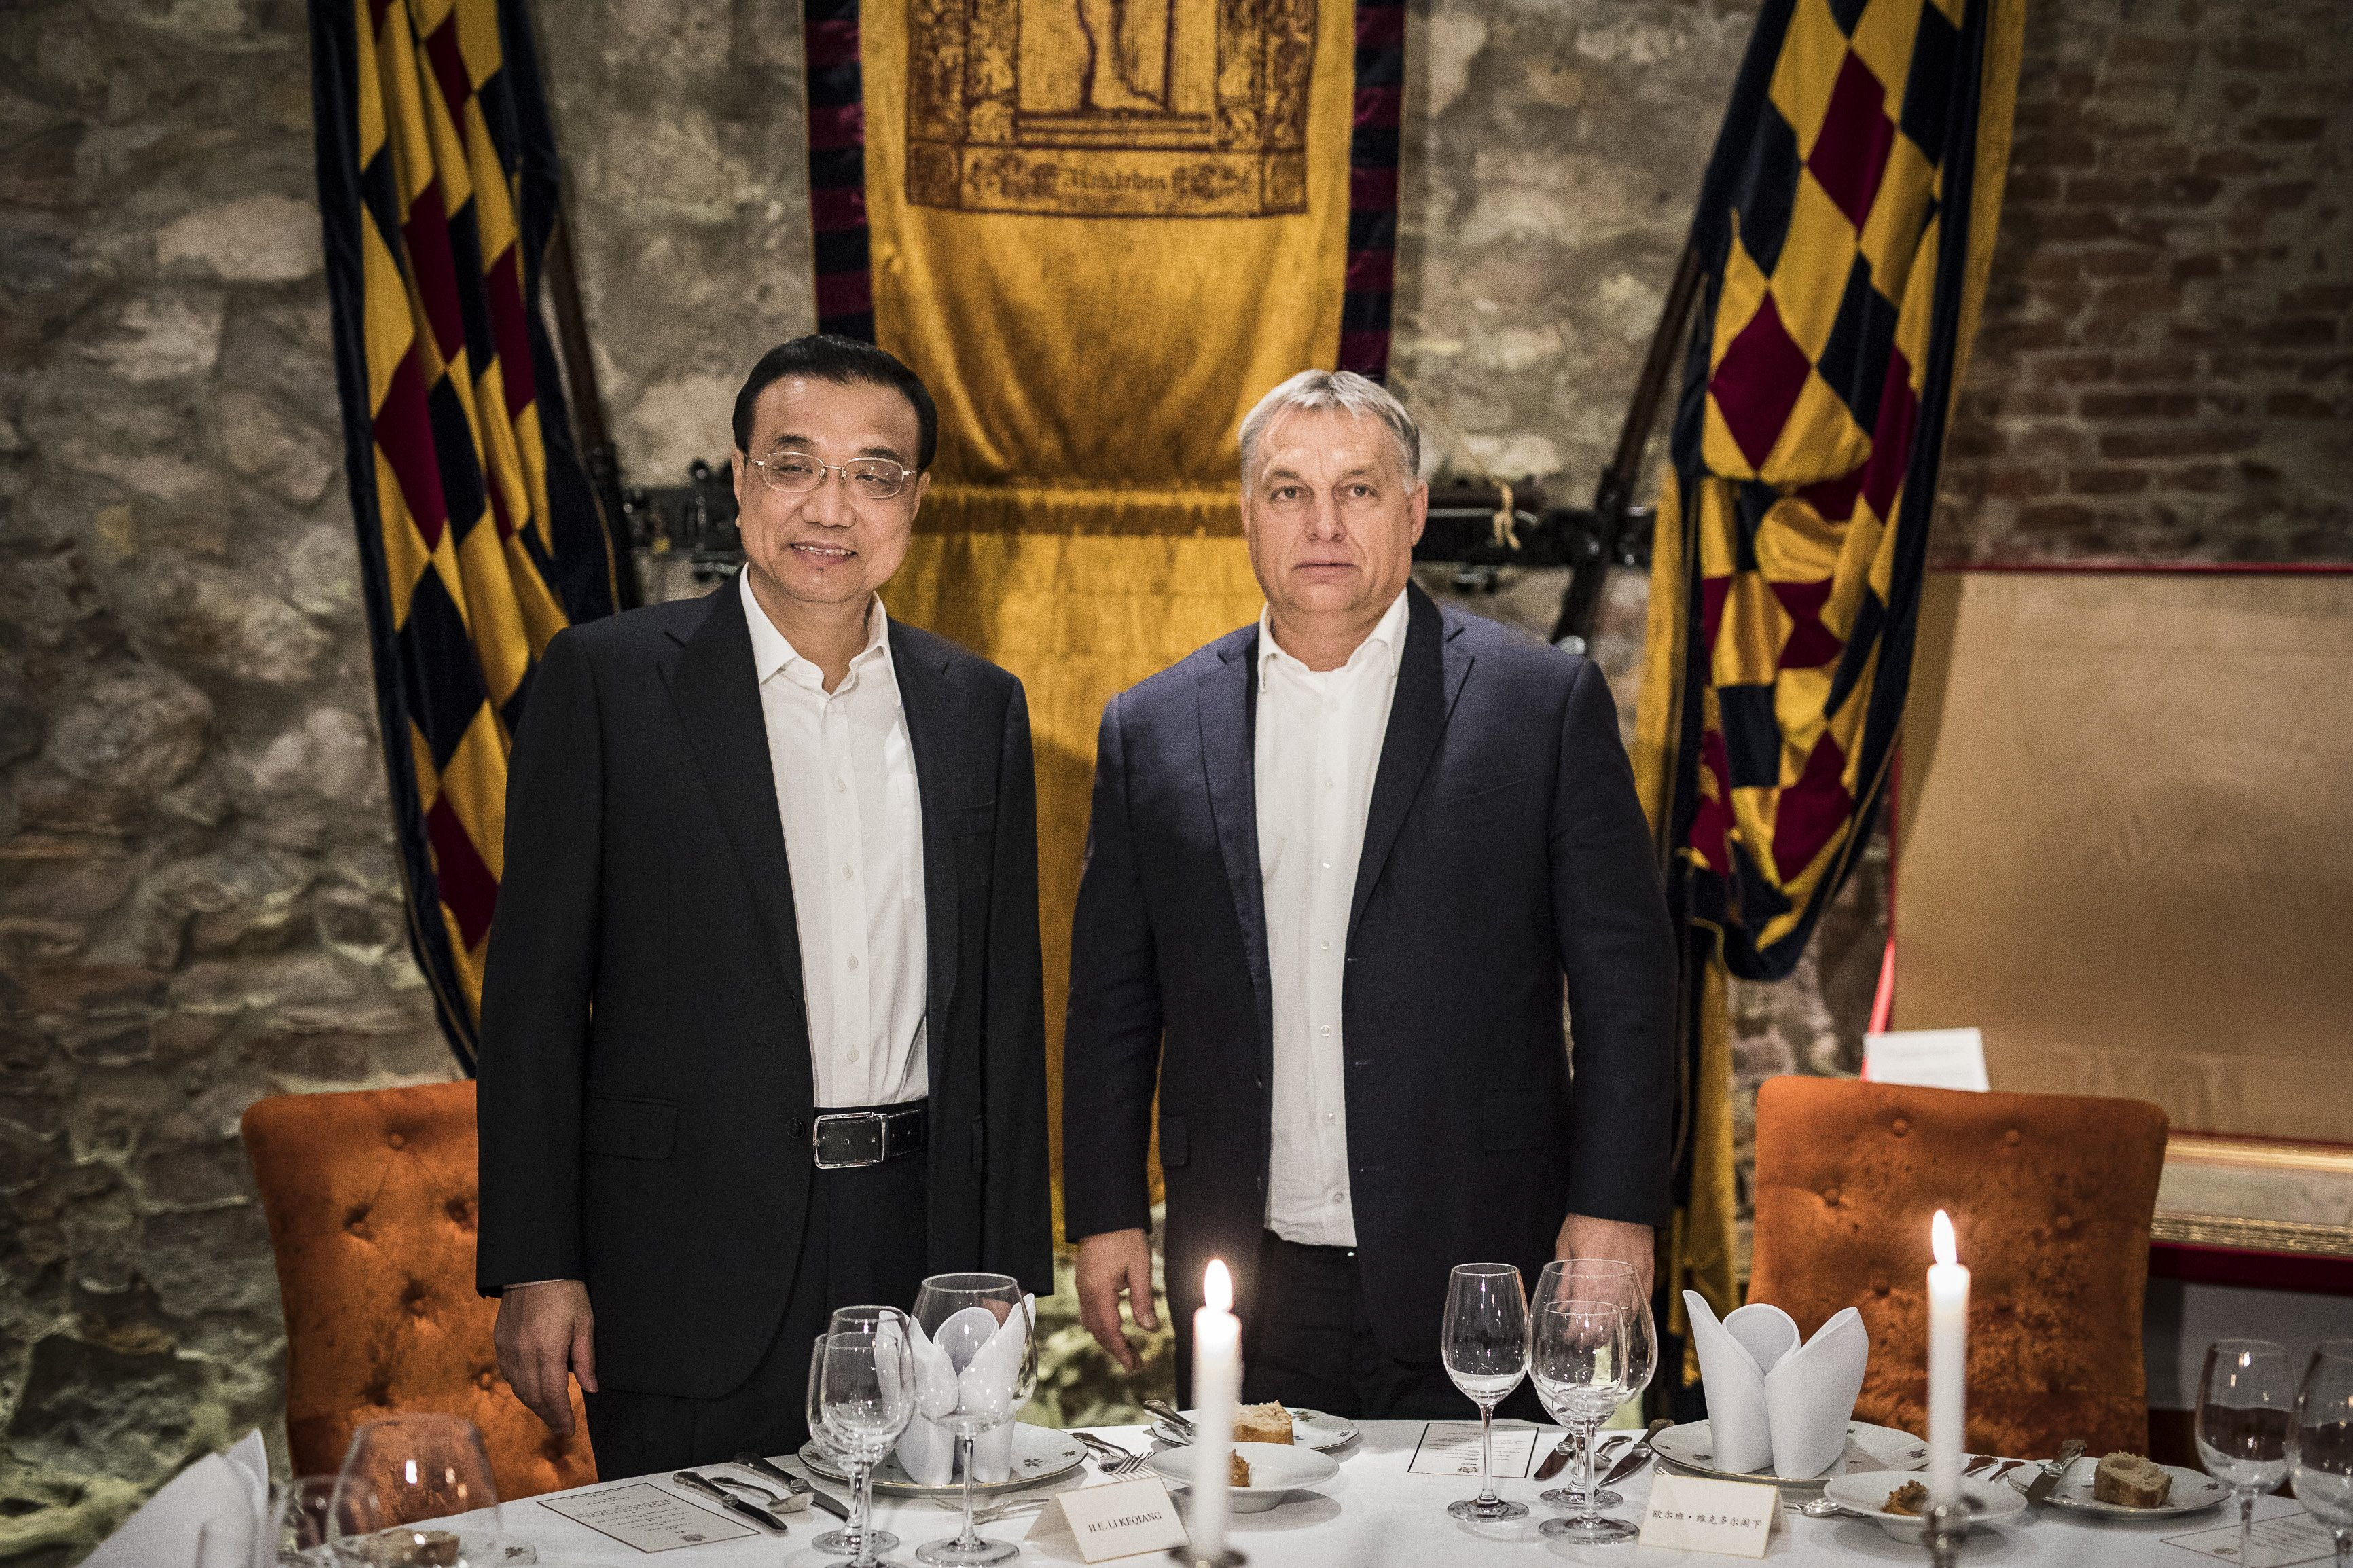 Budapest, 2017. november 26. A Miniszterelnöki Sajtóiroda által közreadott képen Orbán Viktor miniszterelnök (j) és Li Ko-csiang kínai kormányfõ az I. kerületi Alabárdos étteremben, ahol a magyar kormányfõ kötetlen vacsorán látja vendégül a magas rangú vendéget 2017. november 26-án. A kínai kormányfõ vezetésével tartják meg november 27-én a Kína és 16 közép- és kelet-európai ország együttmûködési keretének (16+1) soron következõ csúcstalálkozóját a fõvárosban. Másnap, november 28-án Orbán Viktor miniszterelnök és Li Ko-csiang kétoldalú, hivatalos államközi tárgyalást is folytat egymással, illetõleg sor kerül további bilaterális egyeztetésekre több térségbeli ország kormányfõjével. MTI Fotó: Miniszterelnöki Sajtóiroda / Szecsõdi Balázs